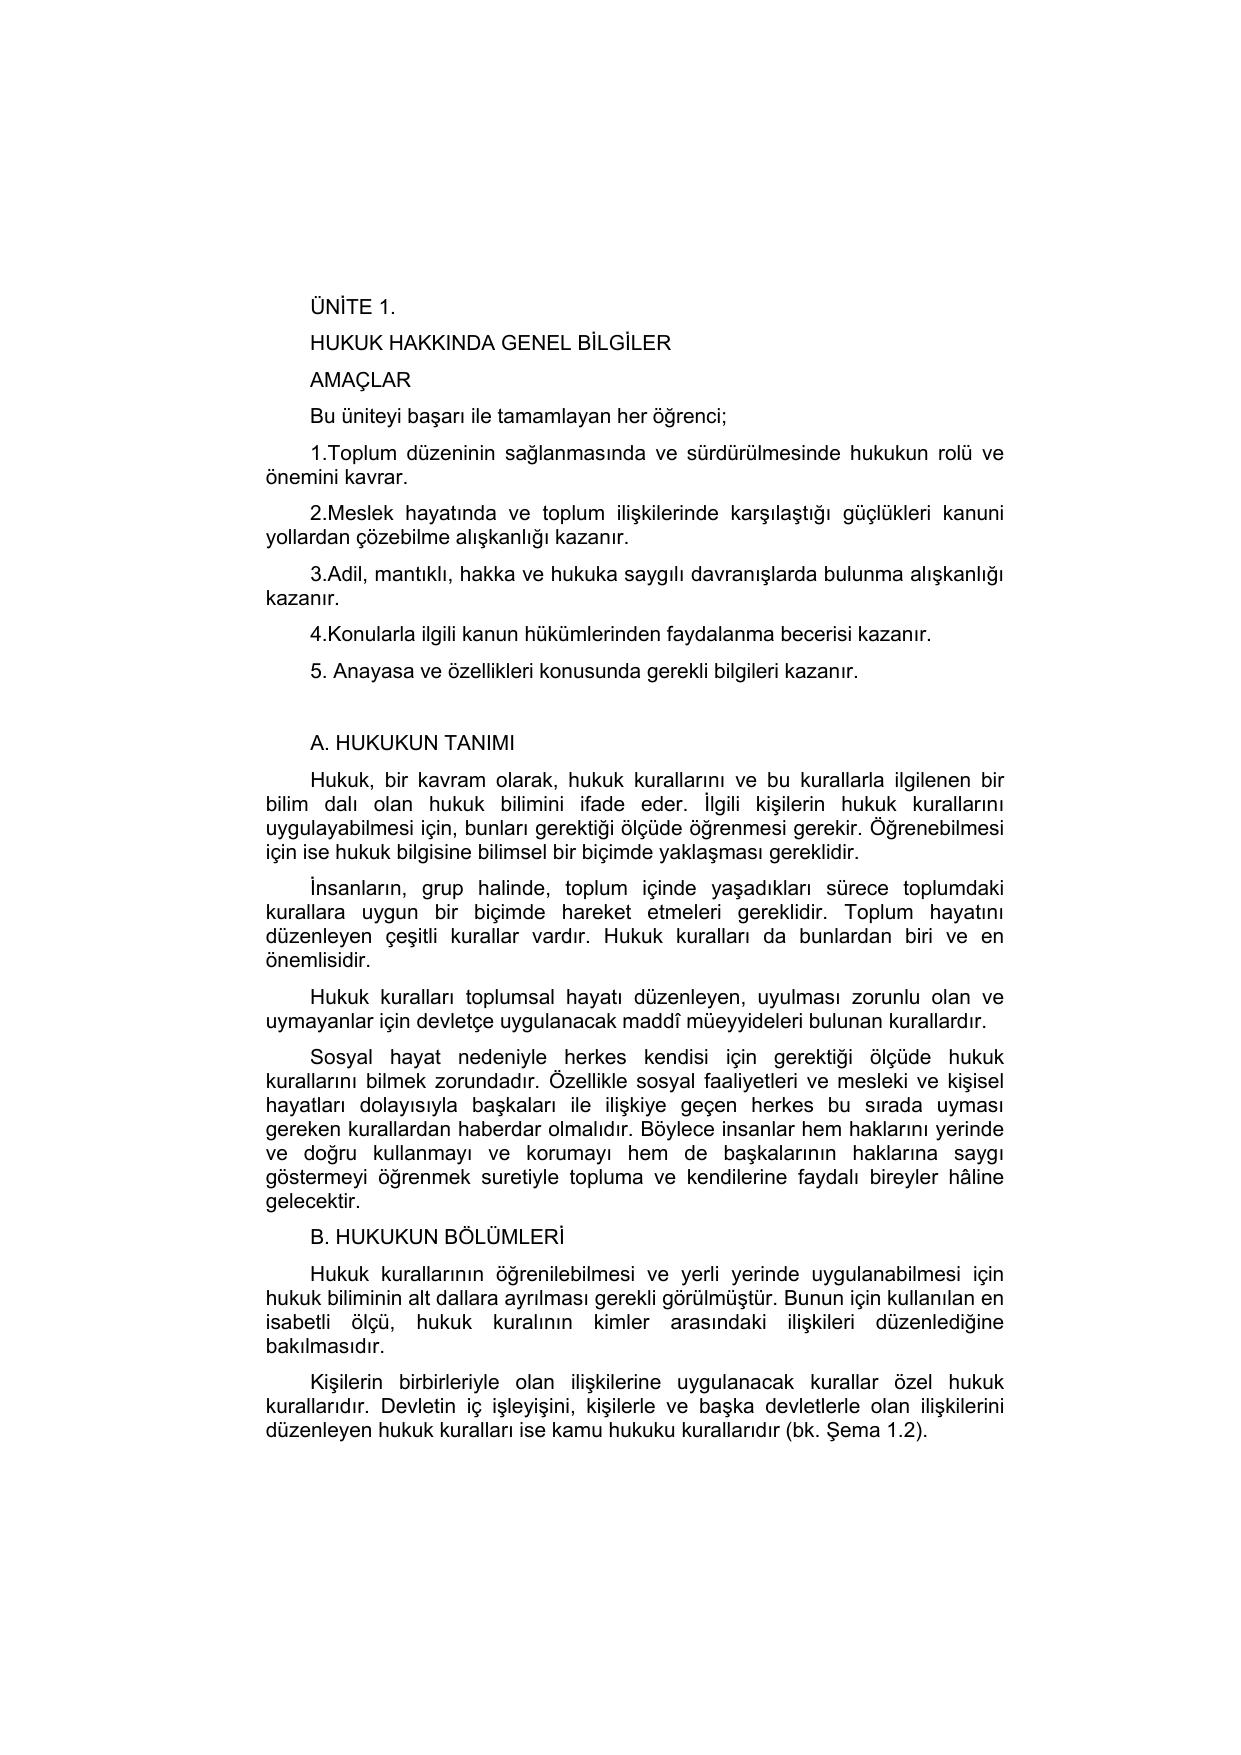 Rusyanın ulusal çıkarları ve uyulması gereken önlemler 19